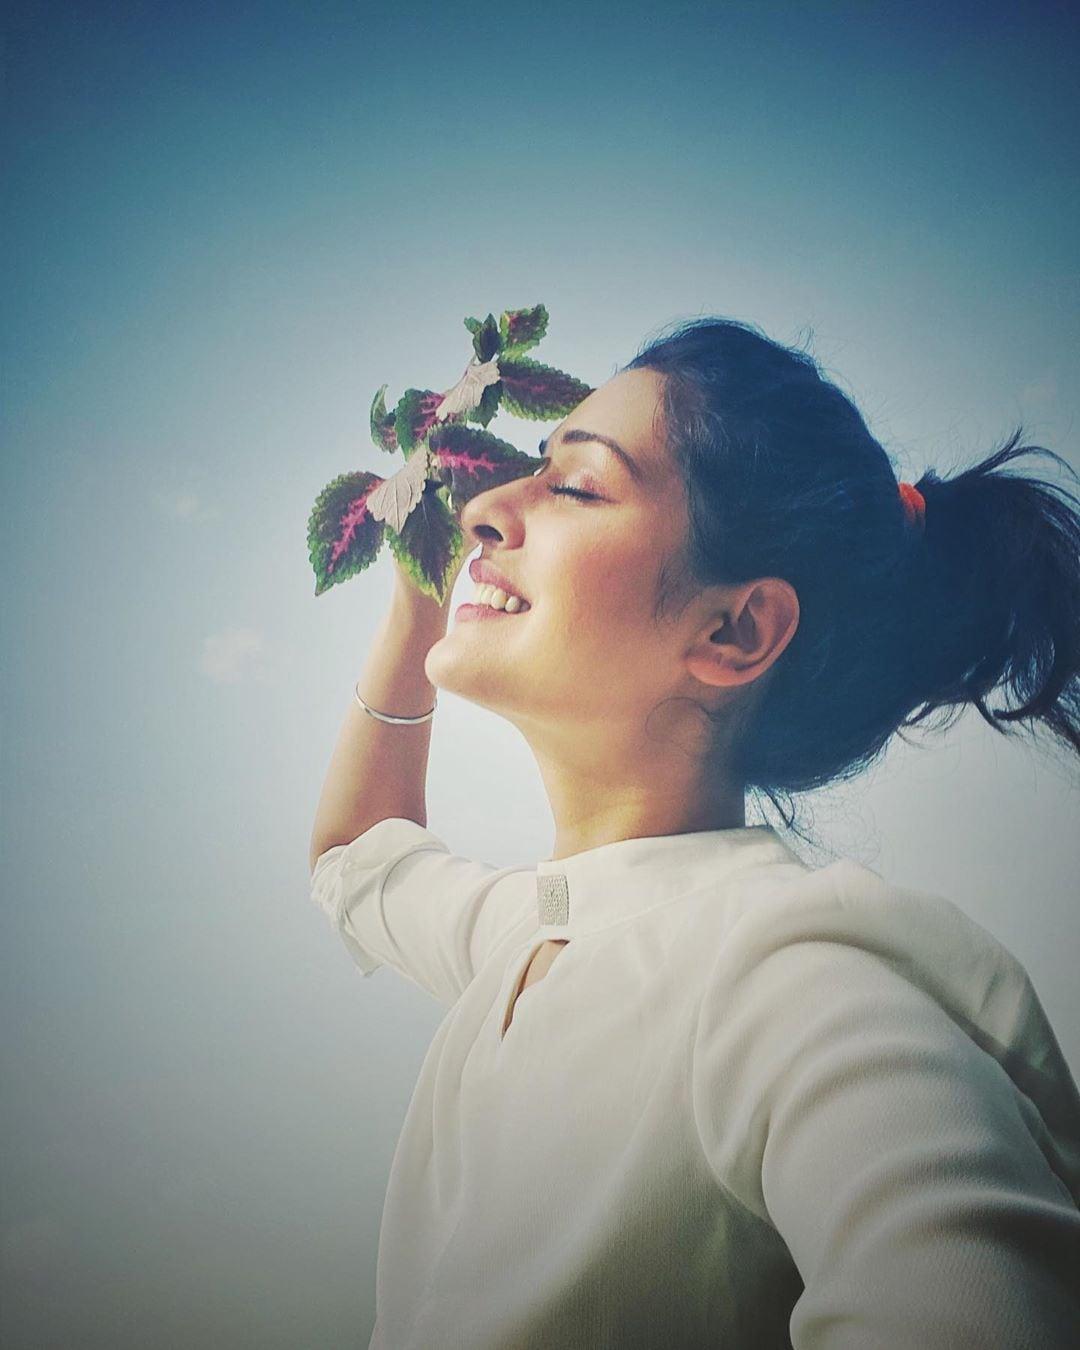 పరవశంలో పాయల్ రాజ్పుత్ (Instagram/Photo)